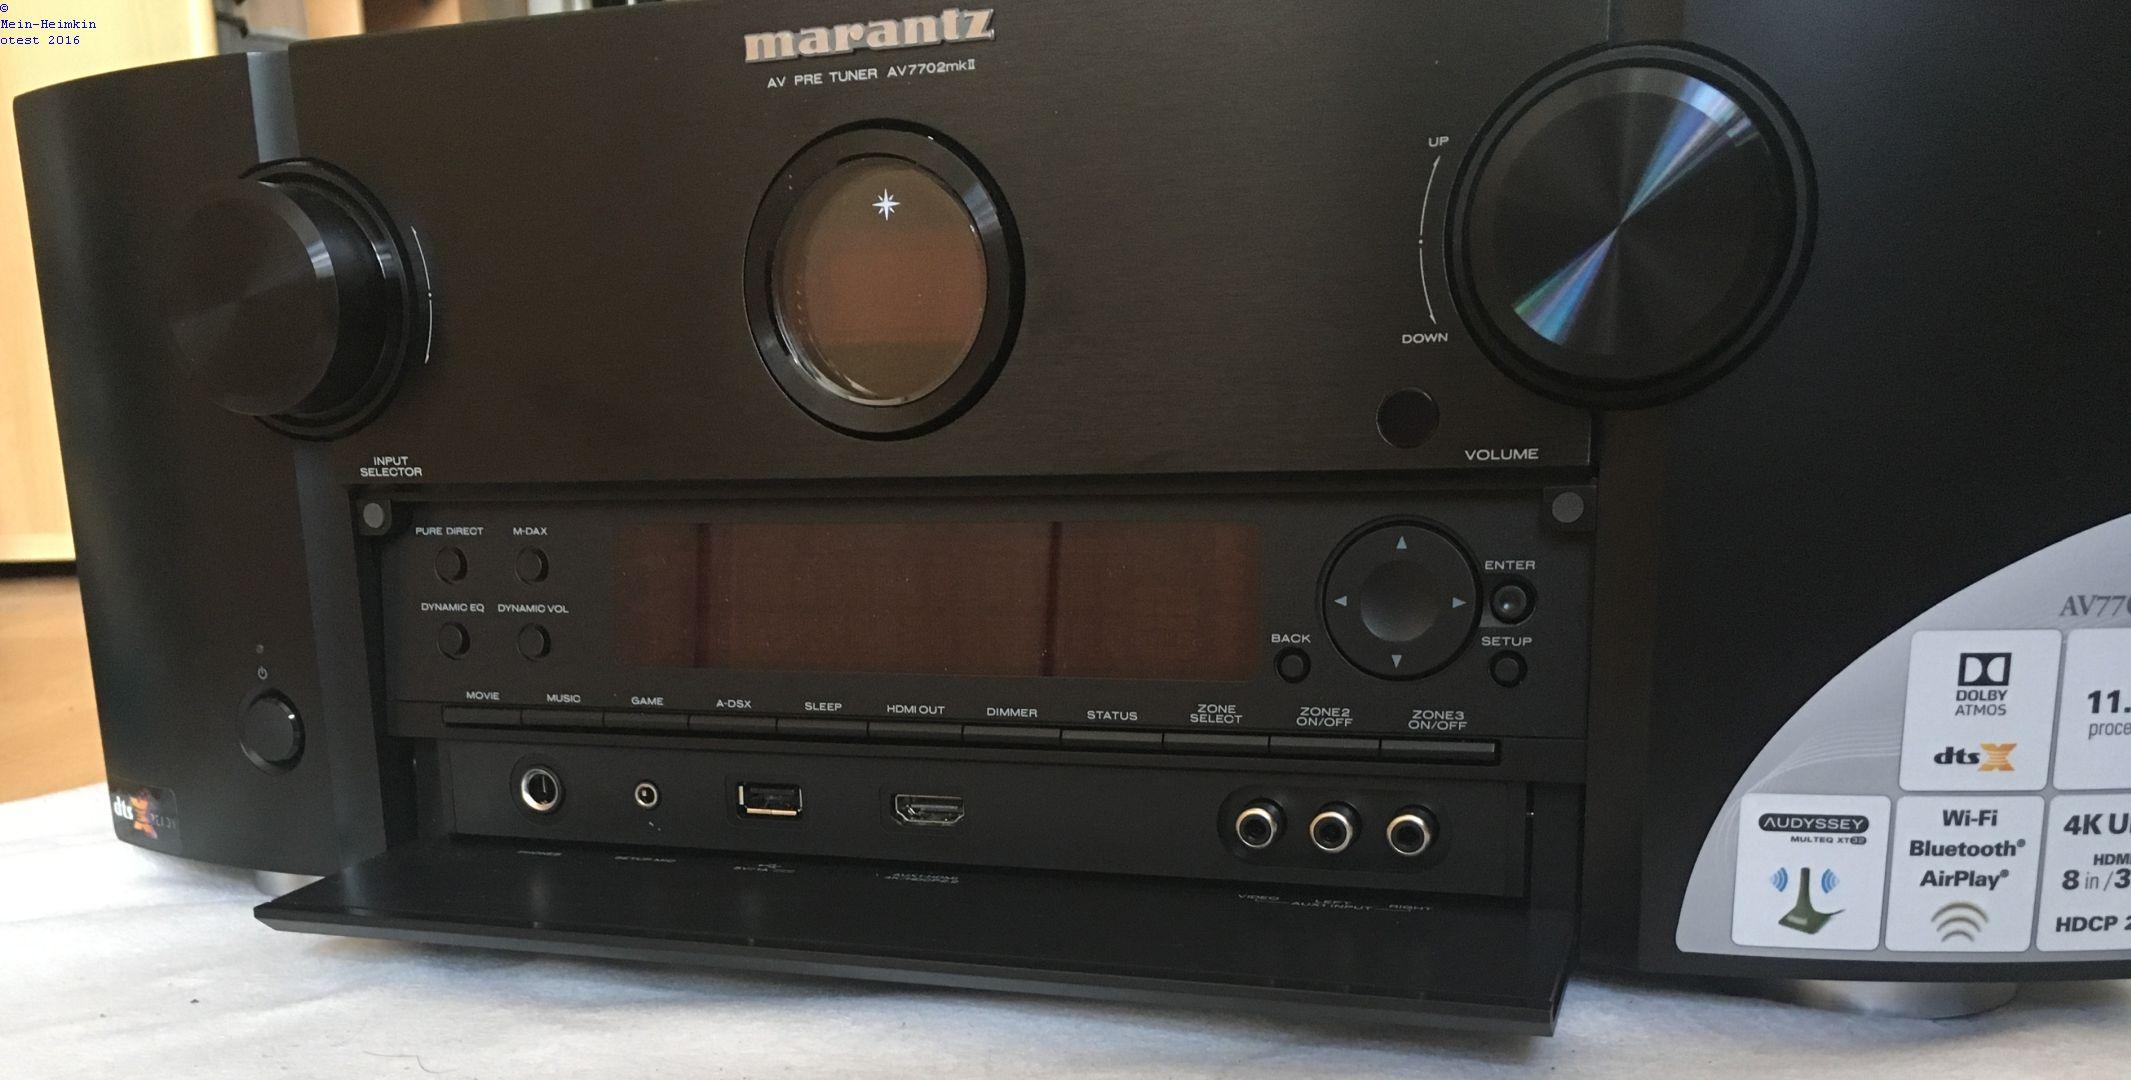 Marantz AV7702 MKII031